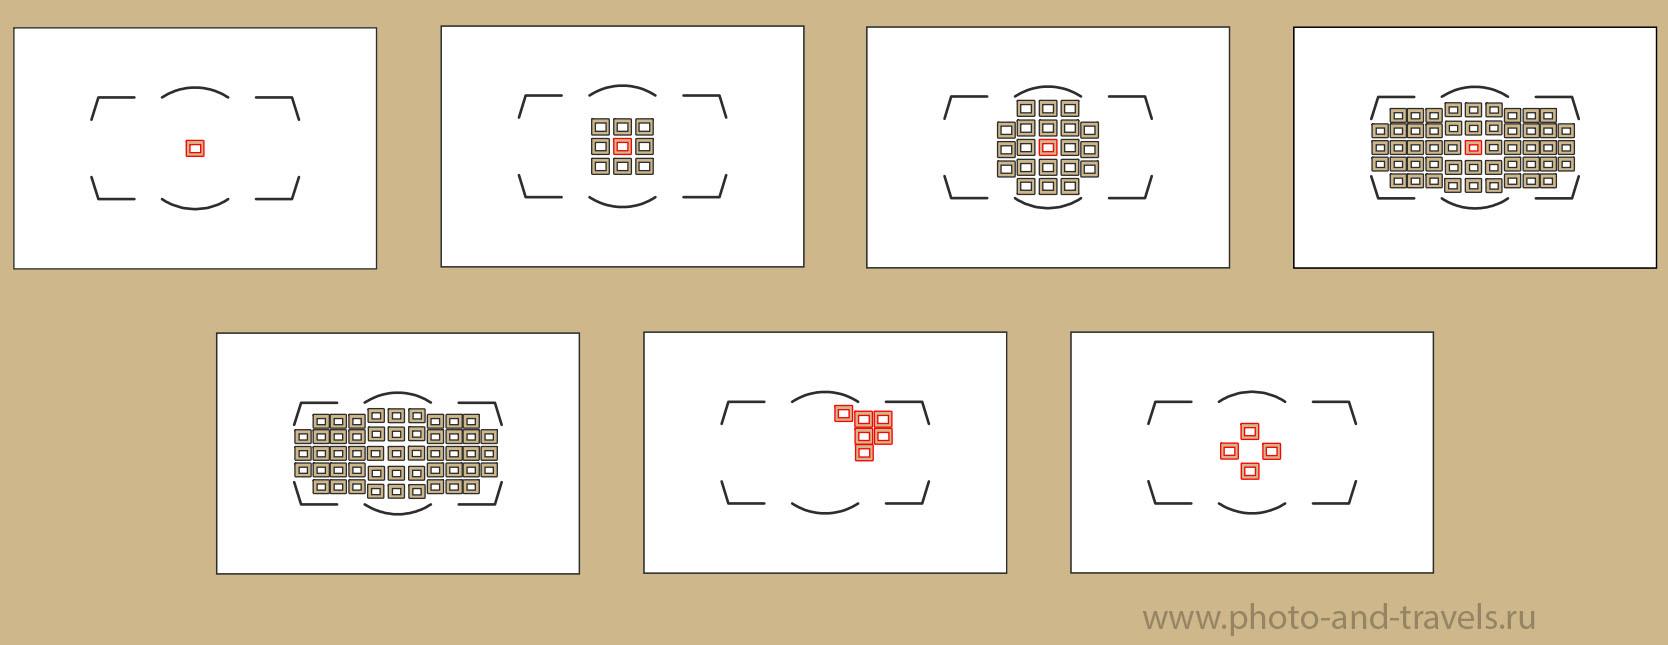 Фото 9. Курсы фотографии для новичков. Расположение активных точек в разных режимах АФ